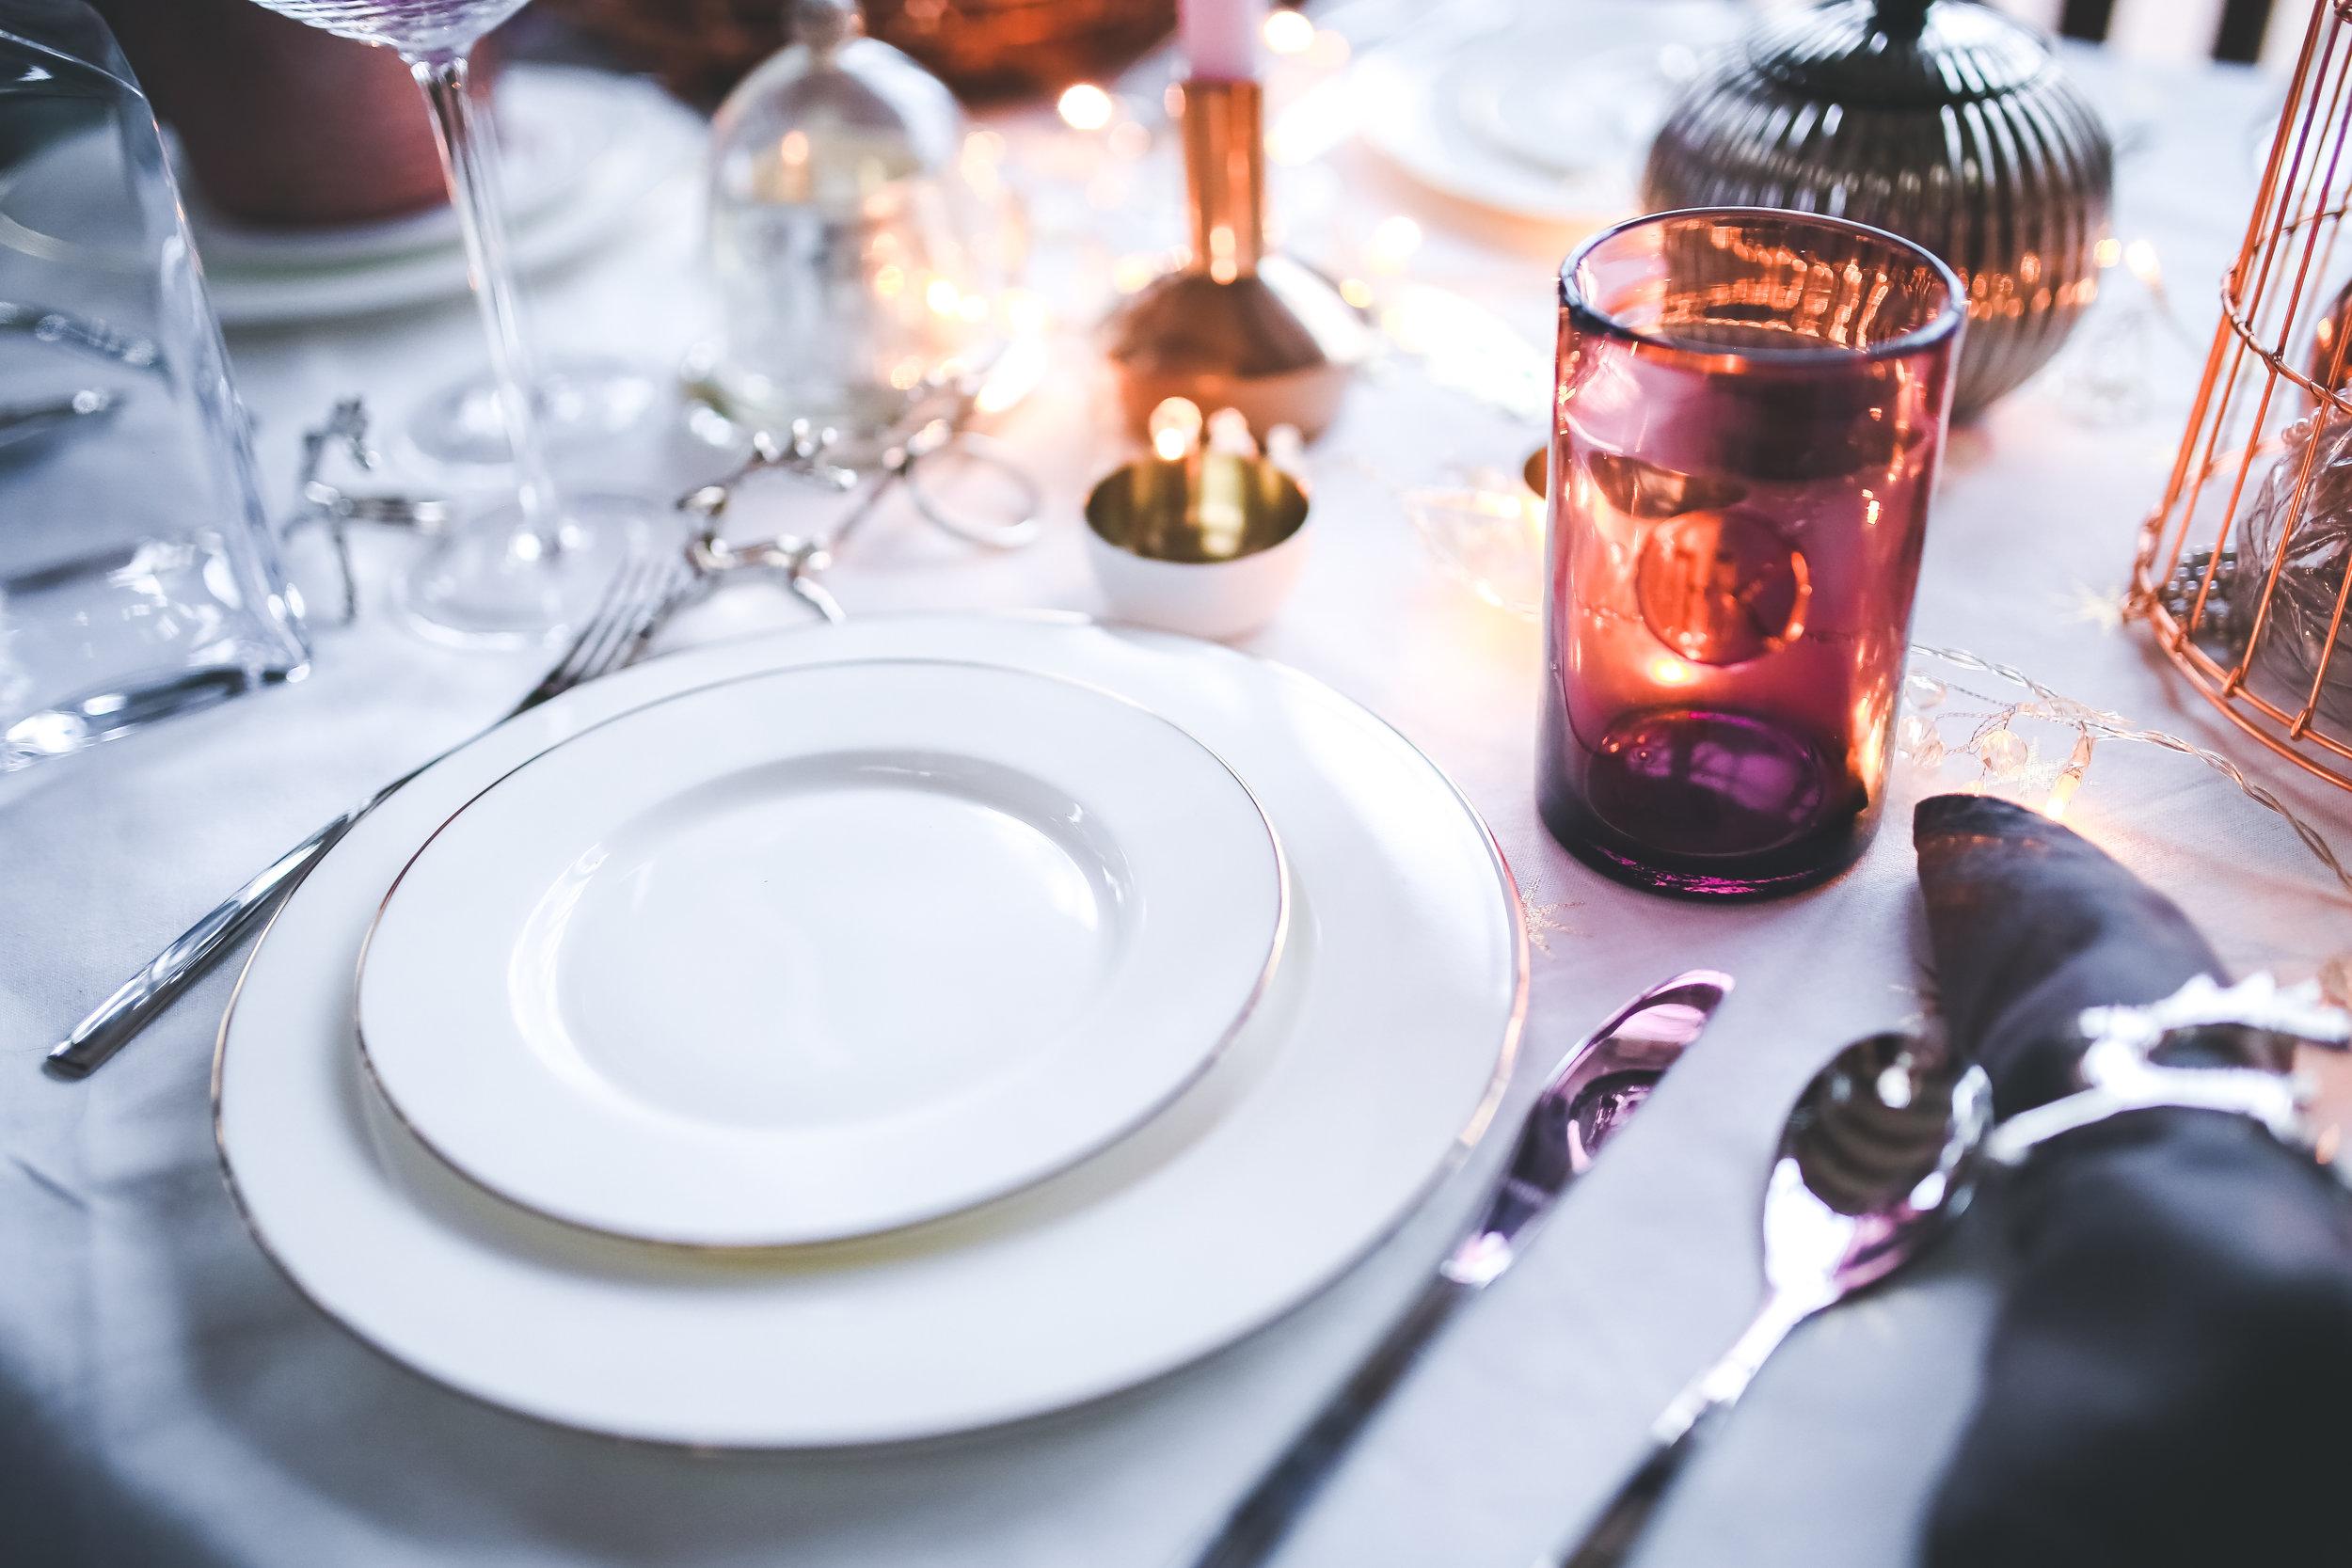 holidays-dinner-eating-lunch.jpg